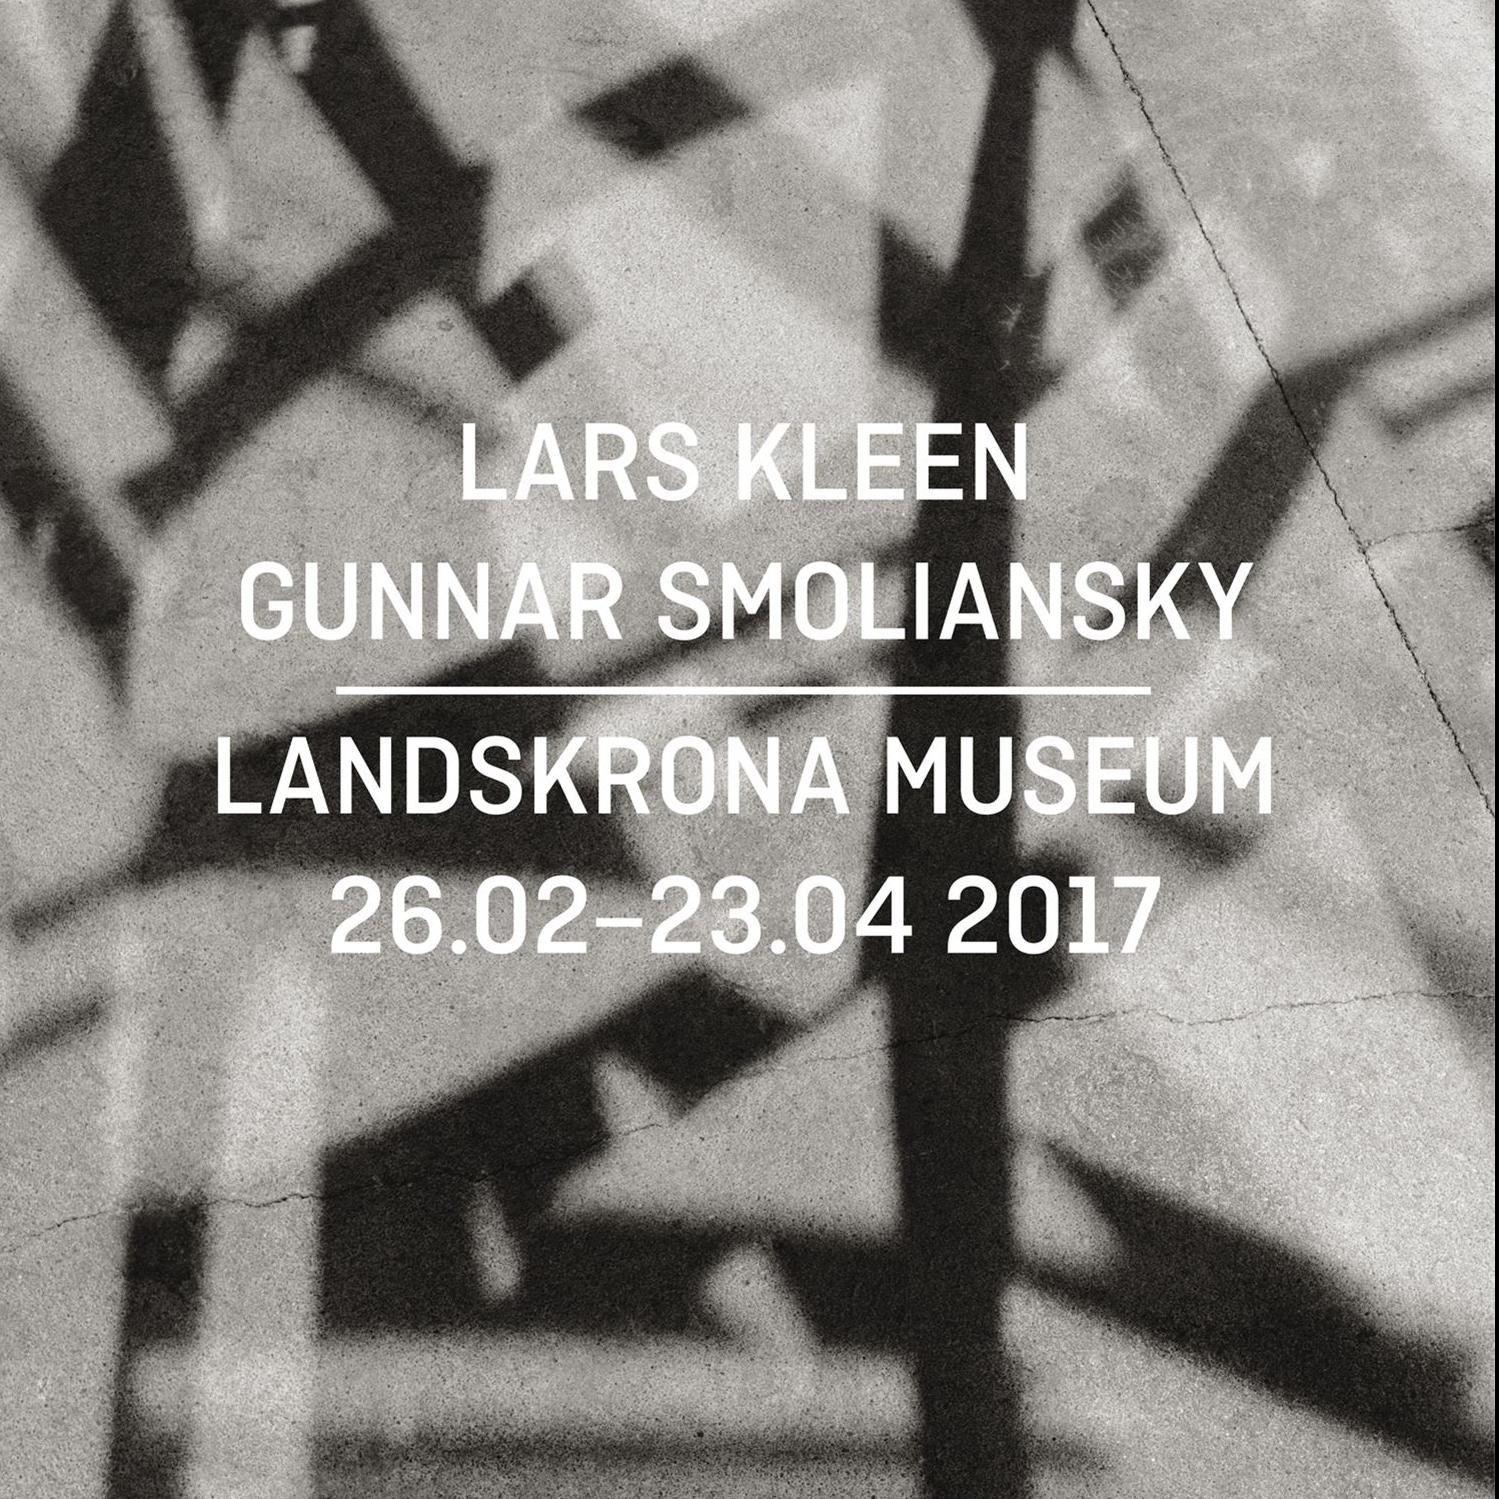 Lars Kleen – Gunnar Smoliansky